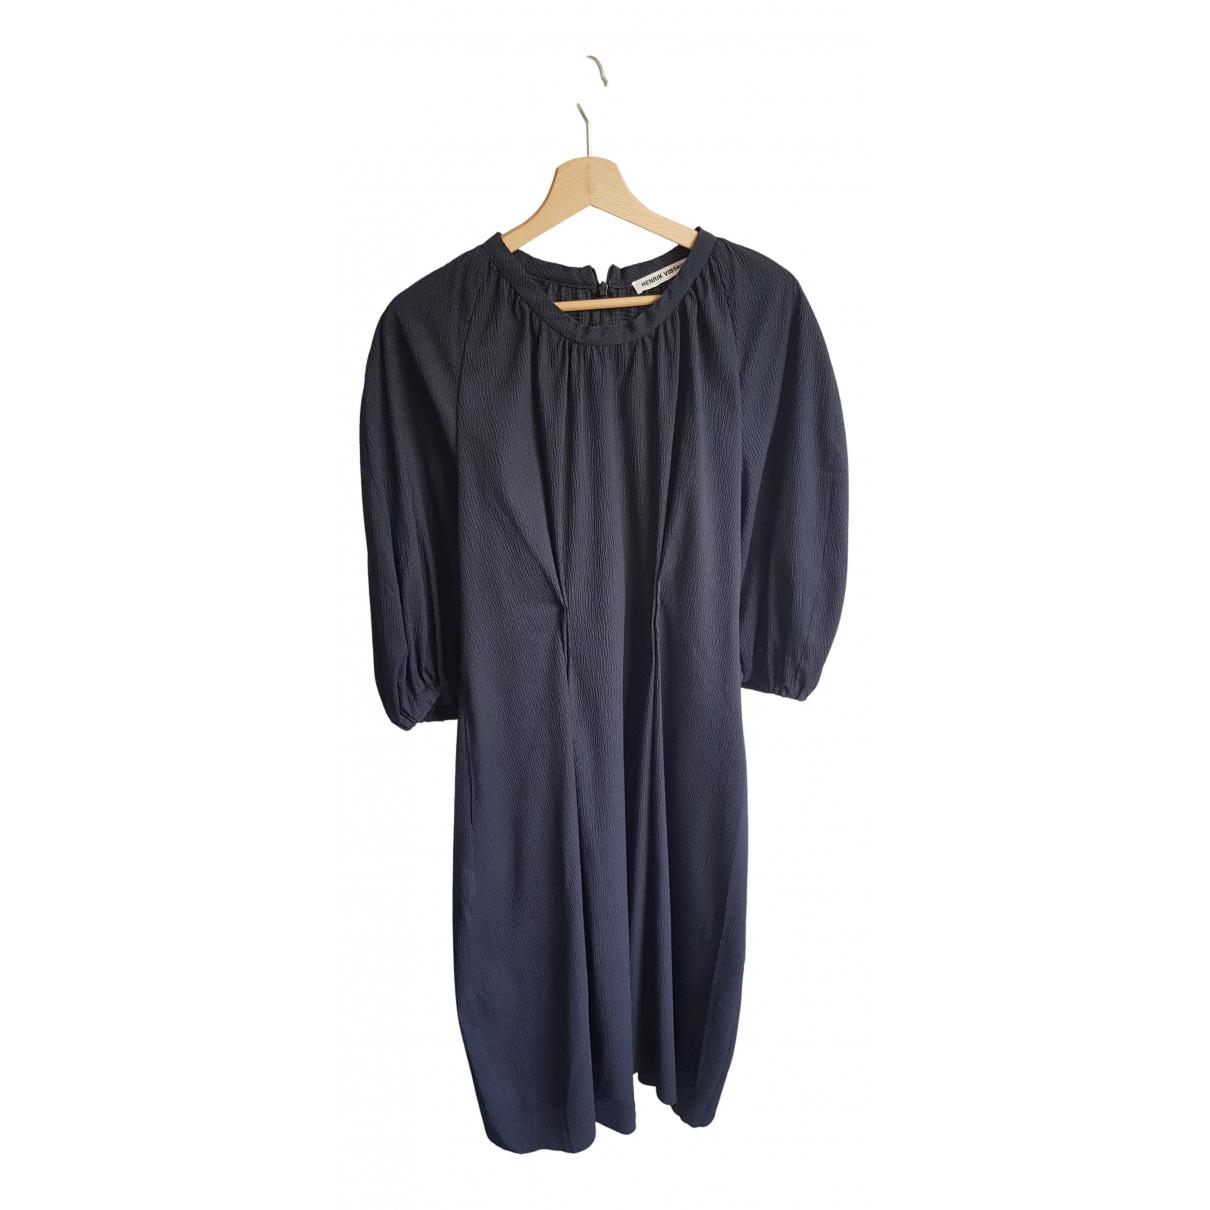 Henrik Vibskov \N Kleid in  Blau Polyester